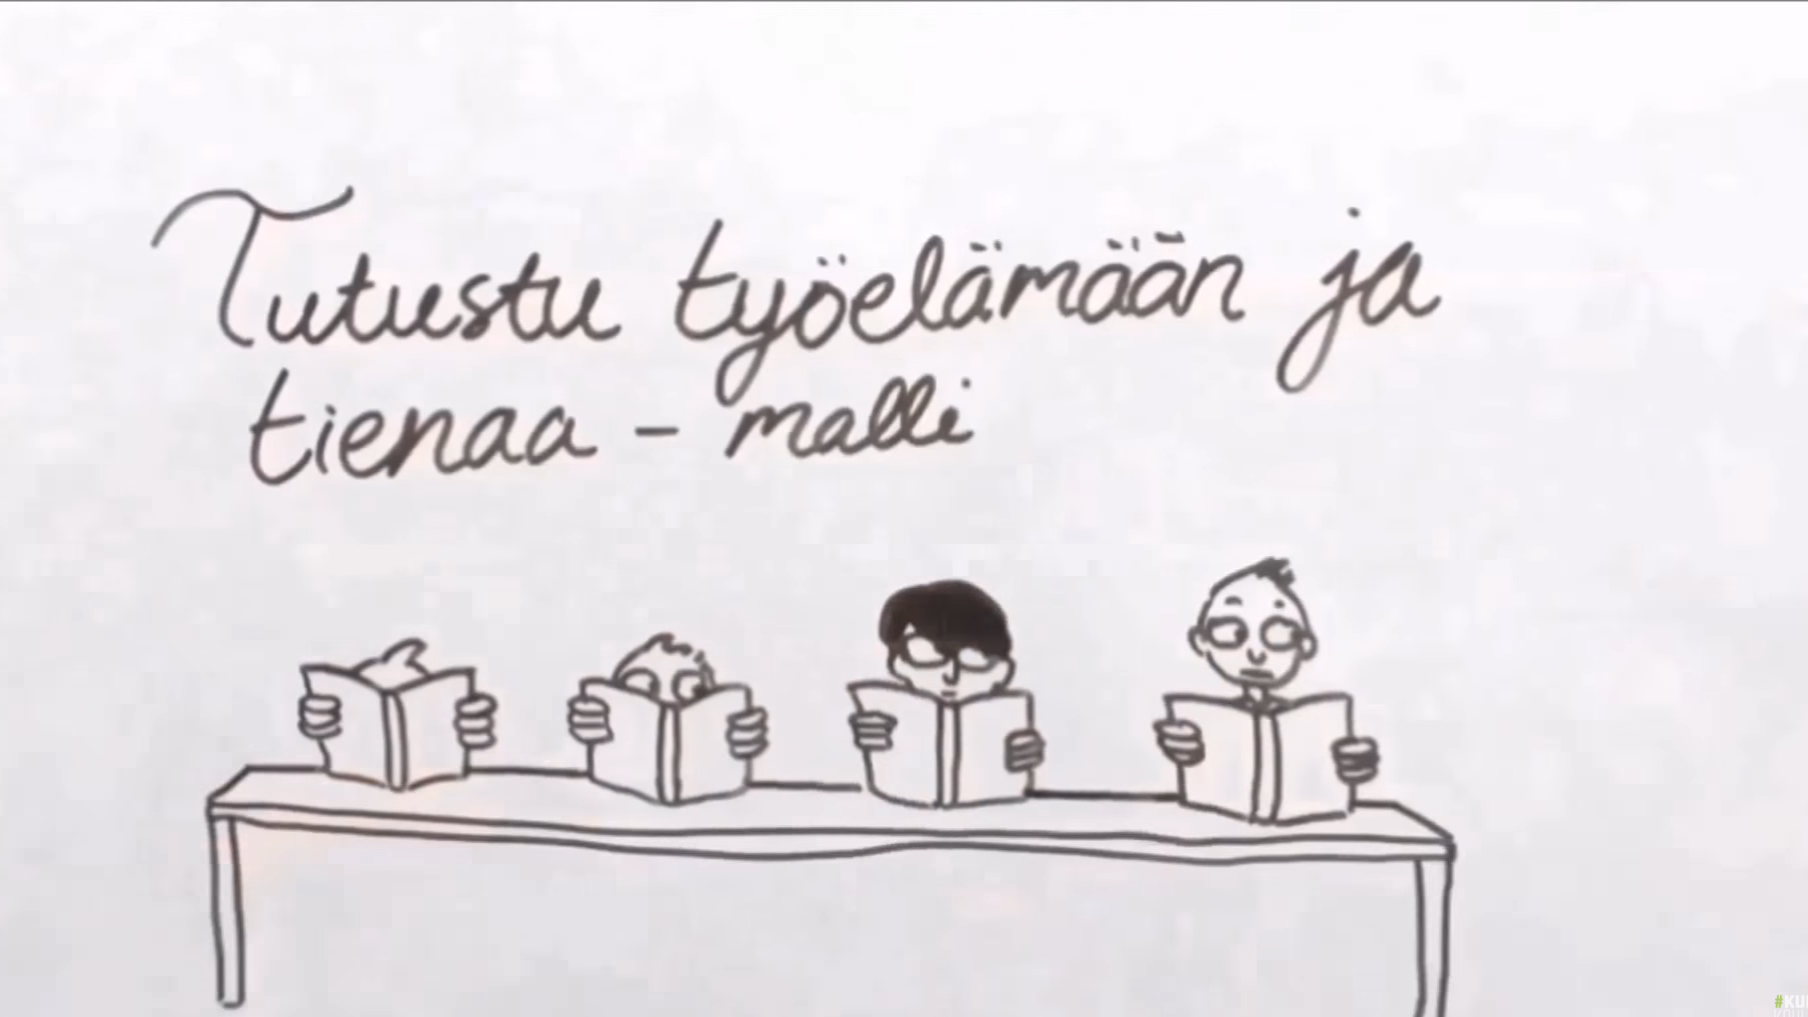 kesätyöntekijän palkka 2016 Aanekoski